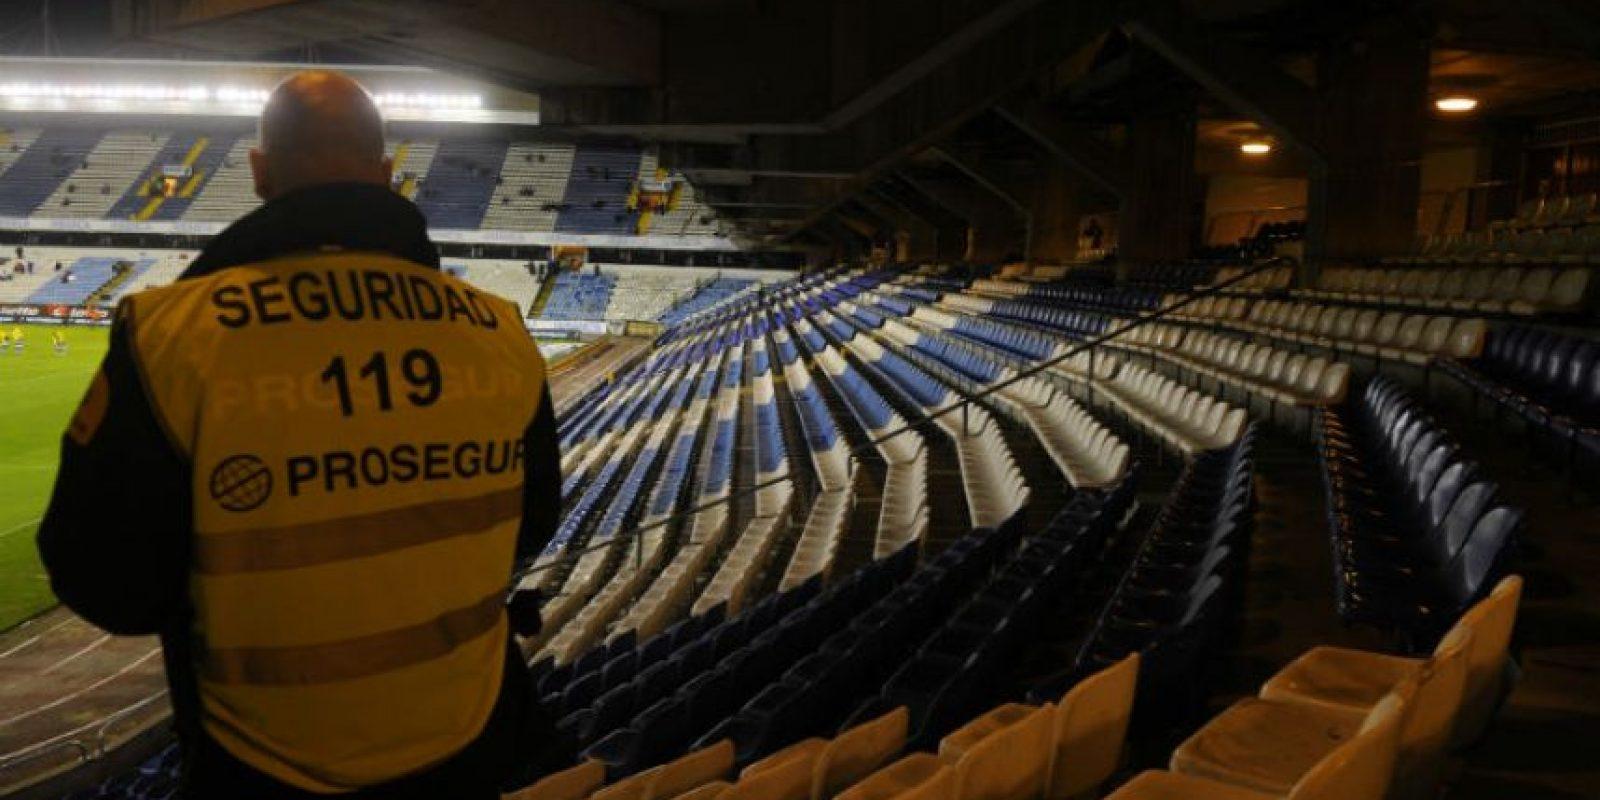 Un guardia de seguridad vigila las gradas vacías de los ultras Riazor Blues en el estadio Riazor en La Coruña durante el juego entre el Deportivo y el Málaga. Foto:AFP